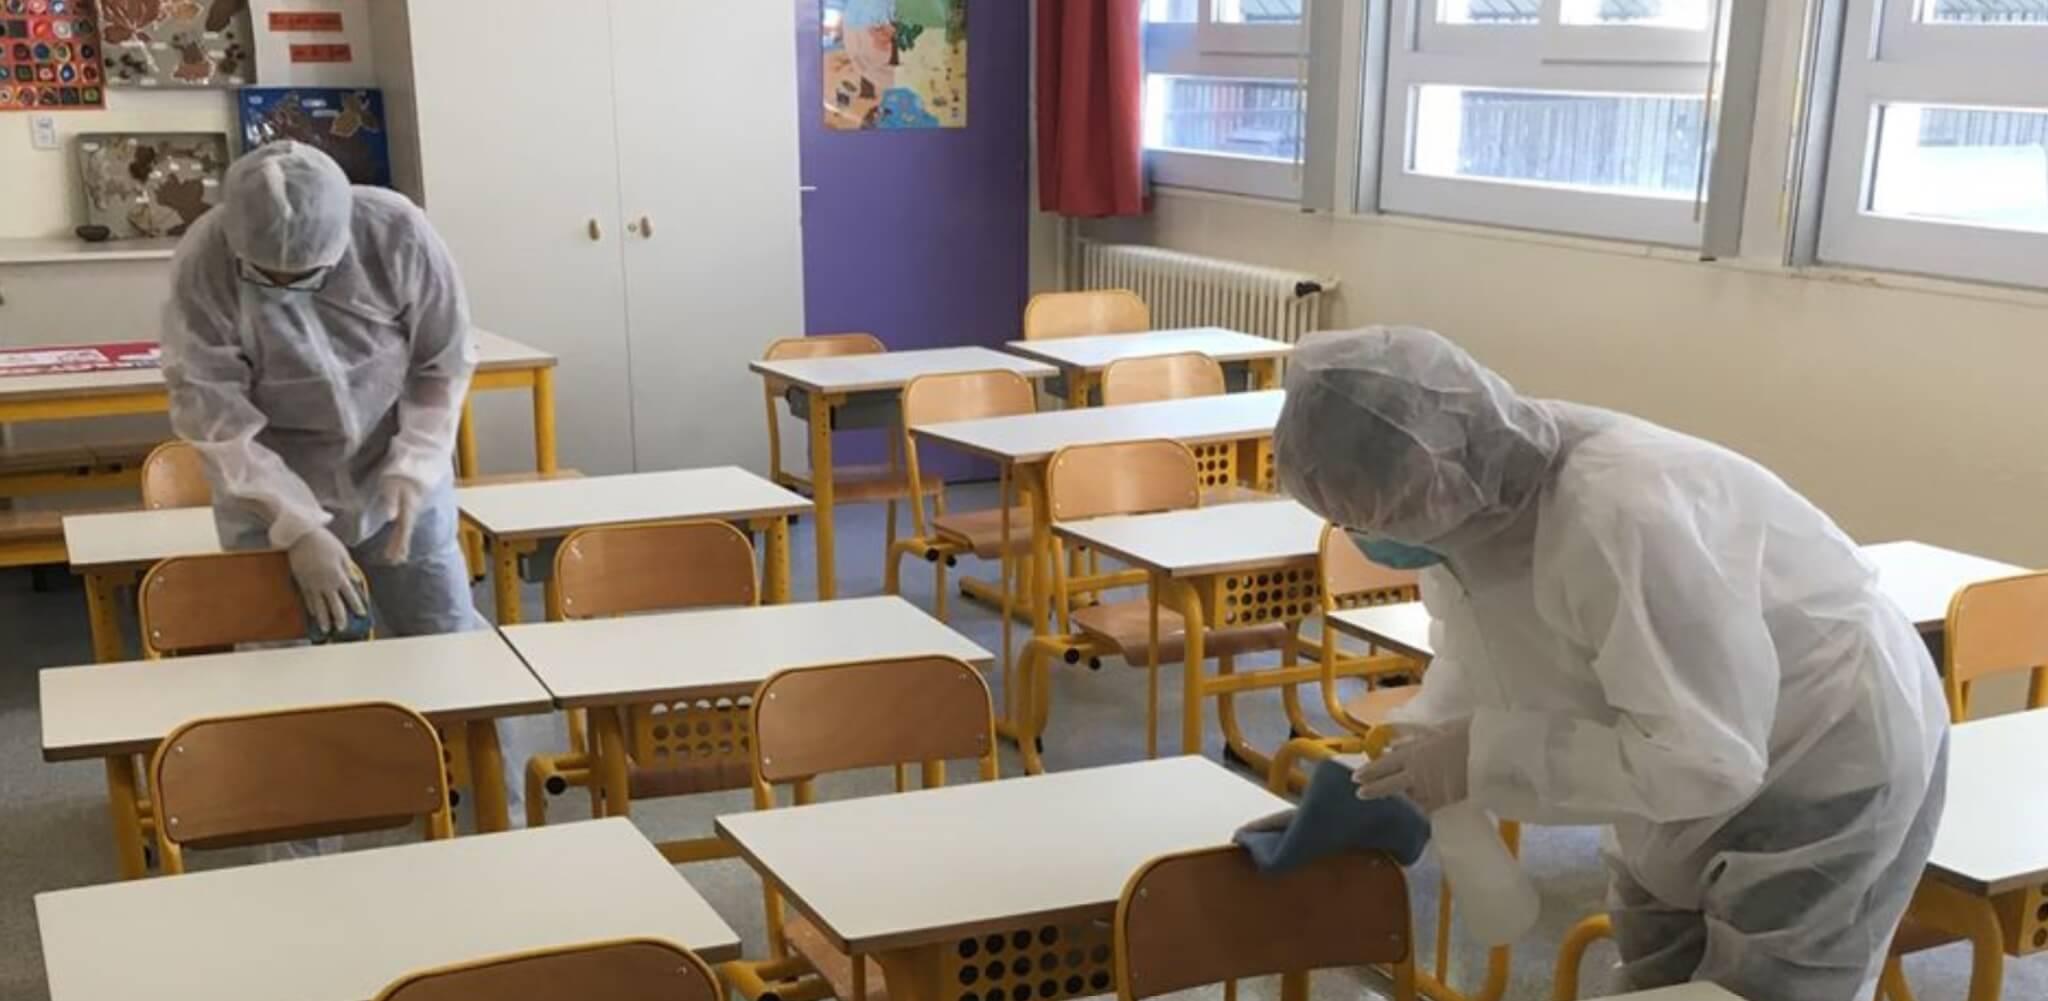 Val-de-Marne: un tiers des villes rouvrent leurs écoles cette semaine